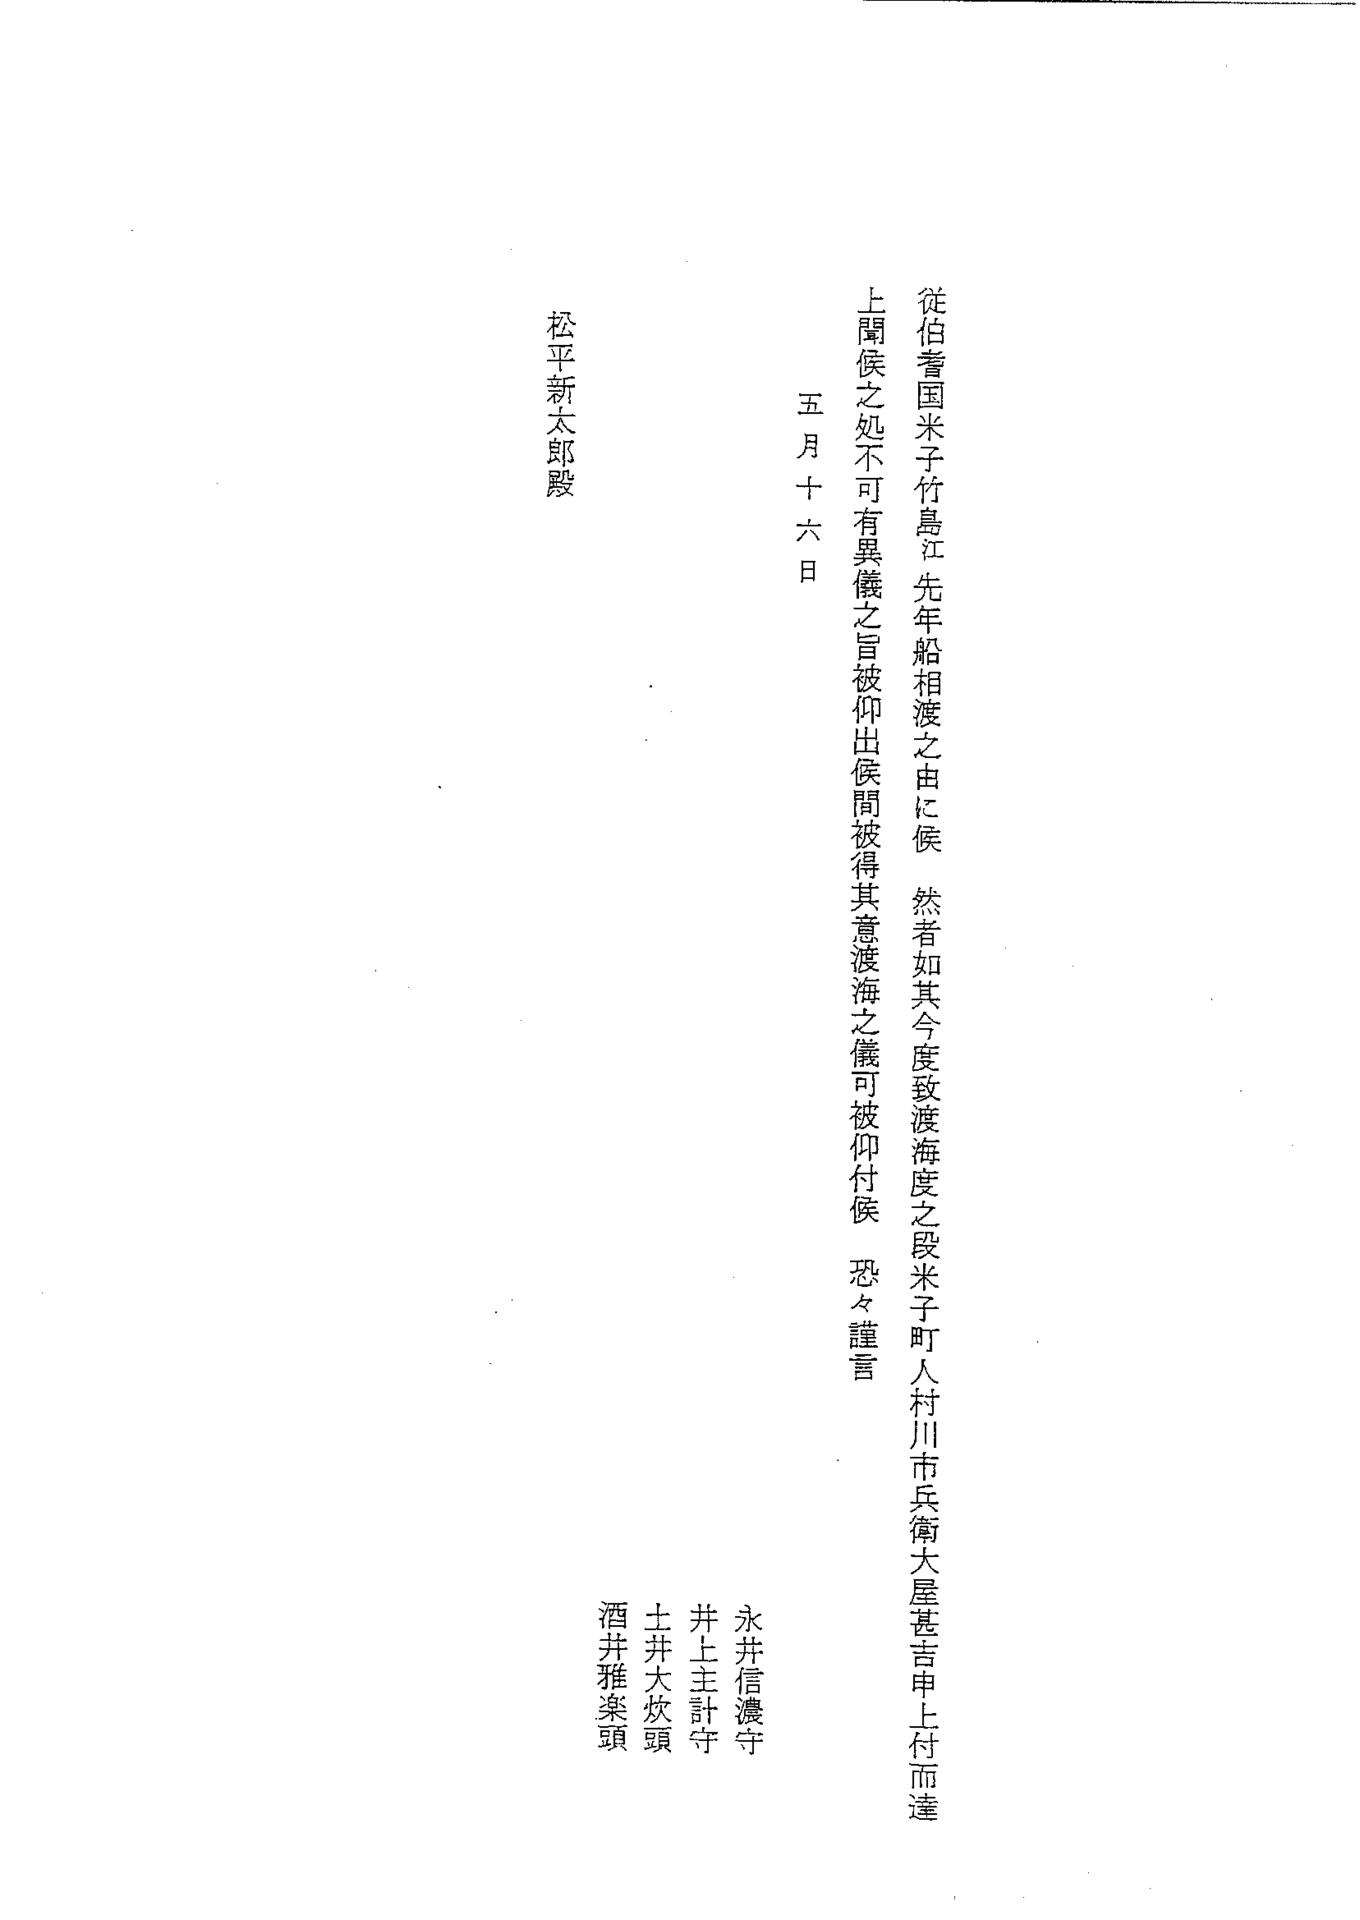 竹島は日本の領土 知られざる在日と竹島の深い関係と李ラインの非道 ...